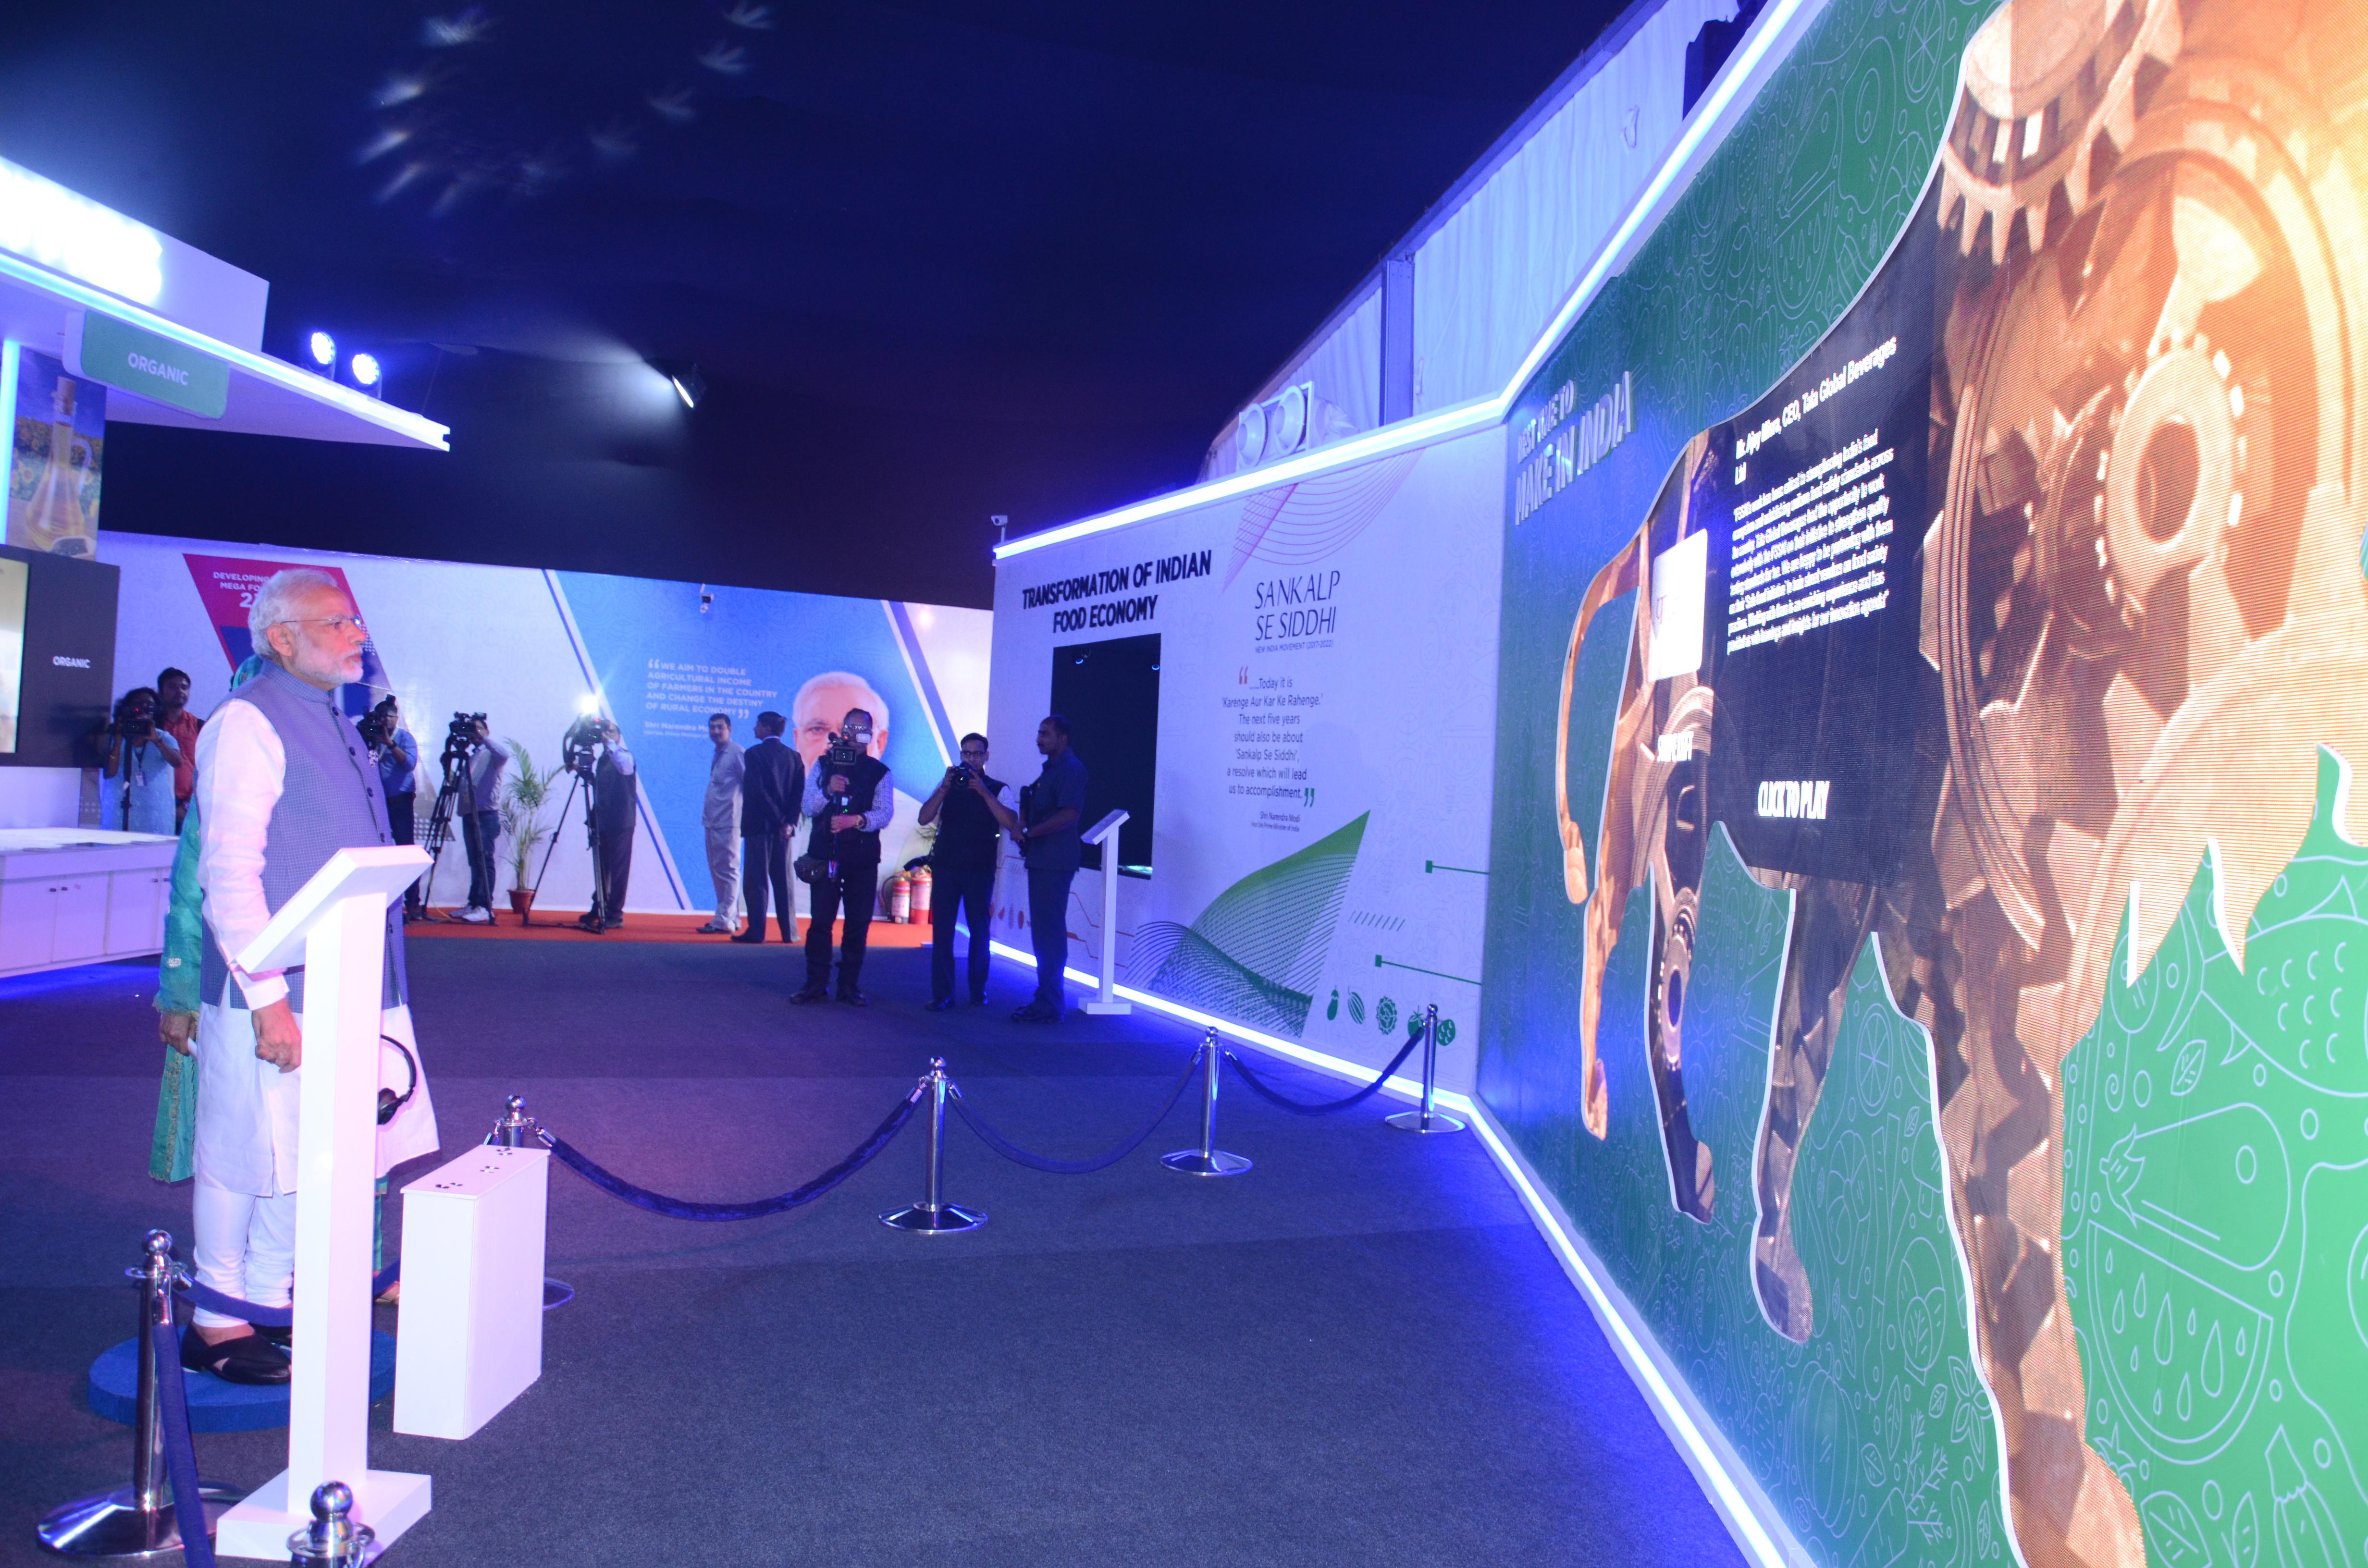 PM's Visit to WFI Exhibition & Theme Pavilion